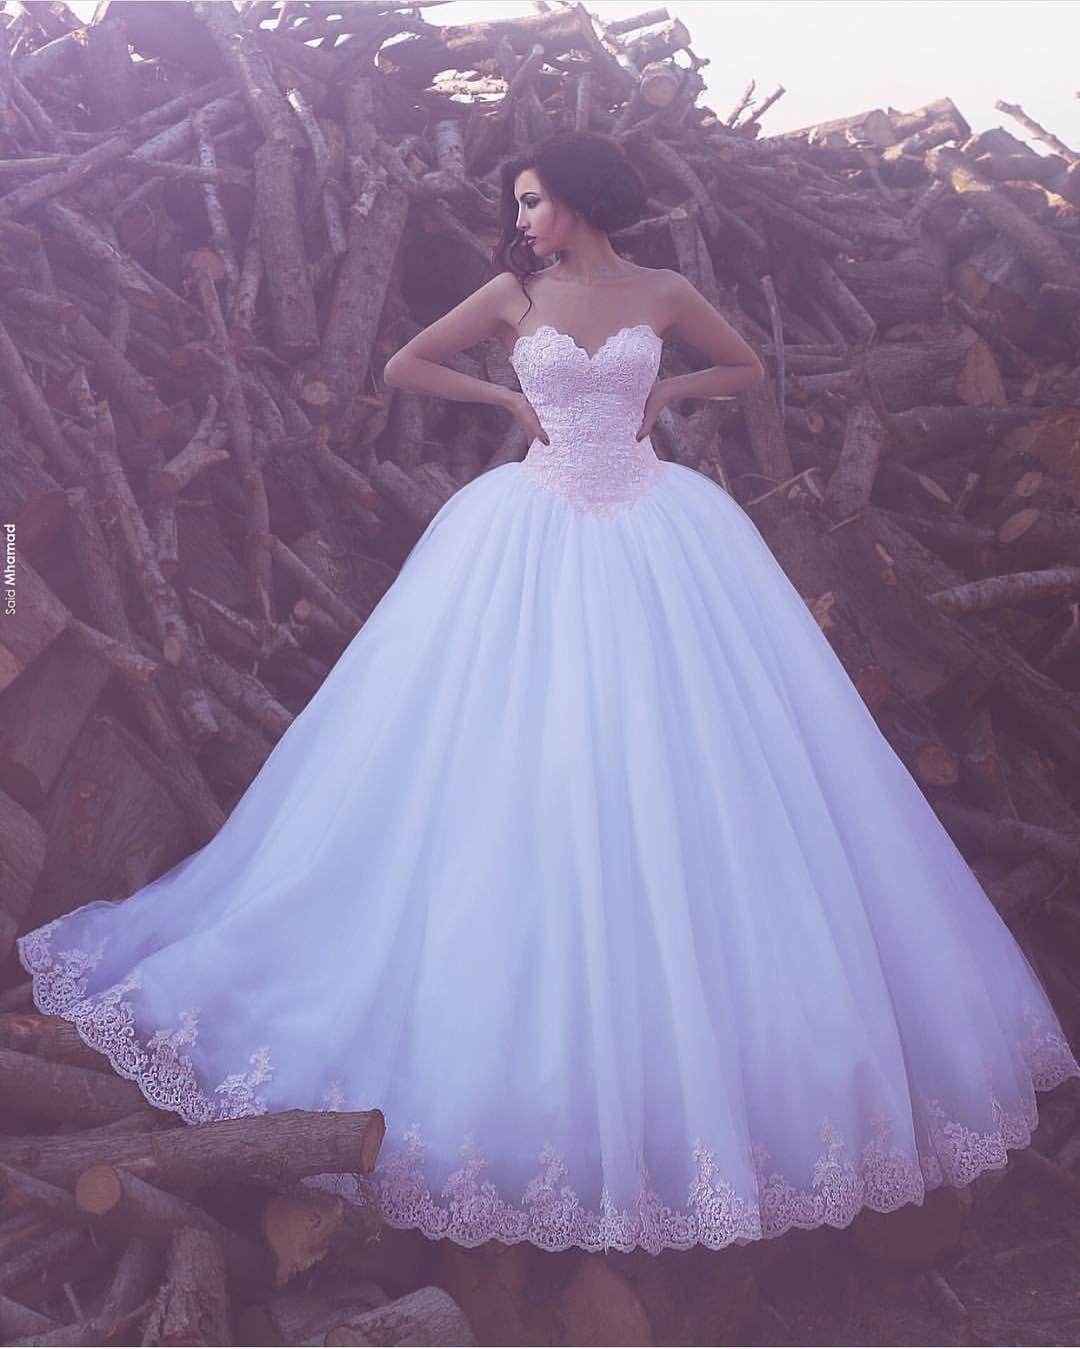 Vestidos Novia Dress Bride (@sonvestidos) • Fotos y vídeos de ...